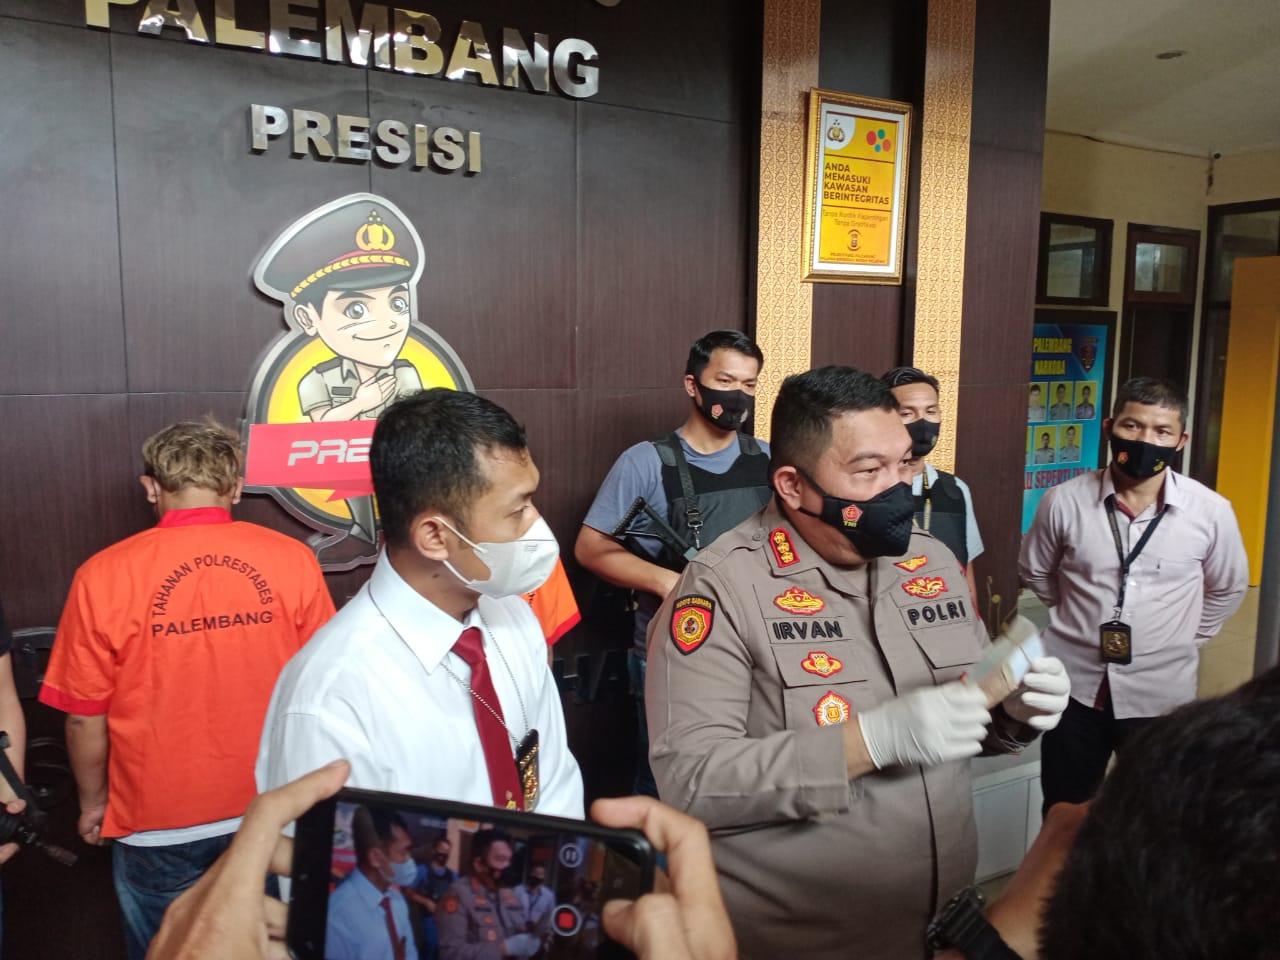 Kapolrestabes Palembang, Kombes Pol Irvan Prawira Satyaputra didampingi Kasat Narkoba, AKBP Andi Supriadi SH SIK